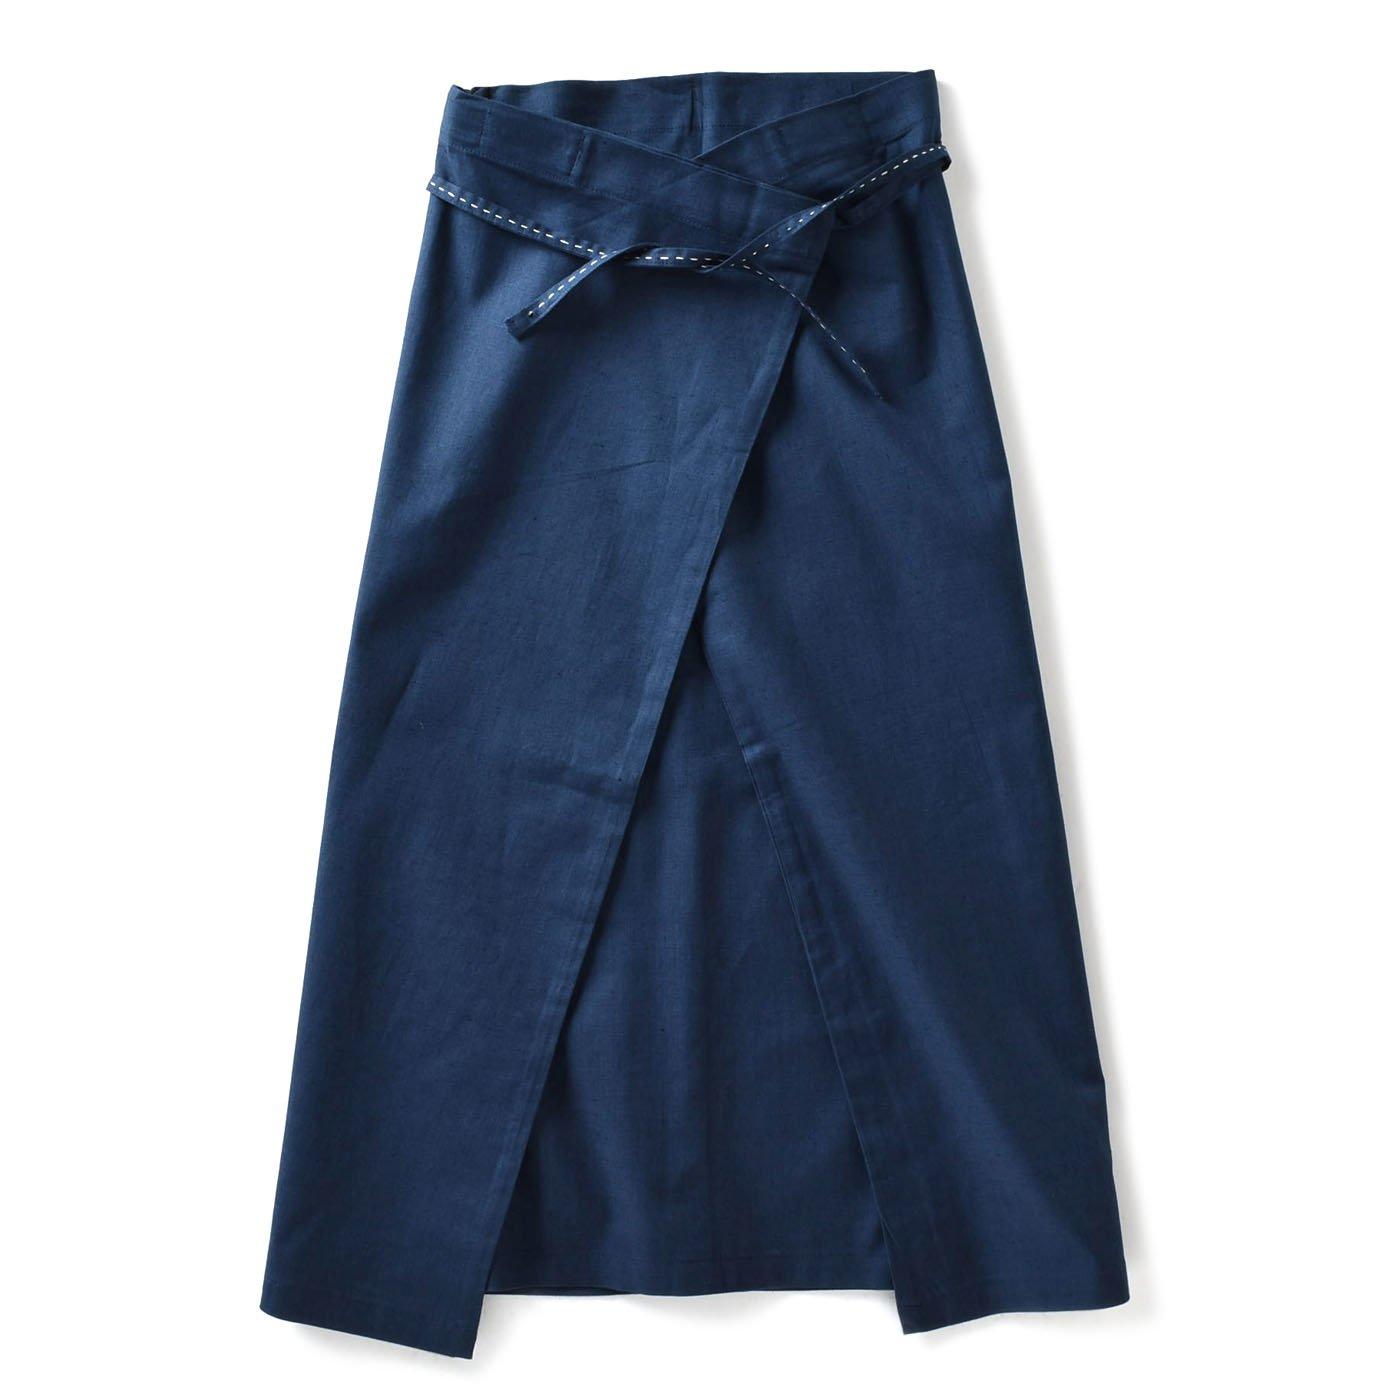 チャレンジド・クリエイティブ・プロジェクト ハンドステッチがやさしい 自在に着られる リネン混ラップスカート〈ネイビー〉